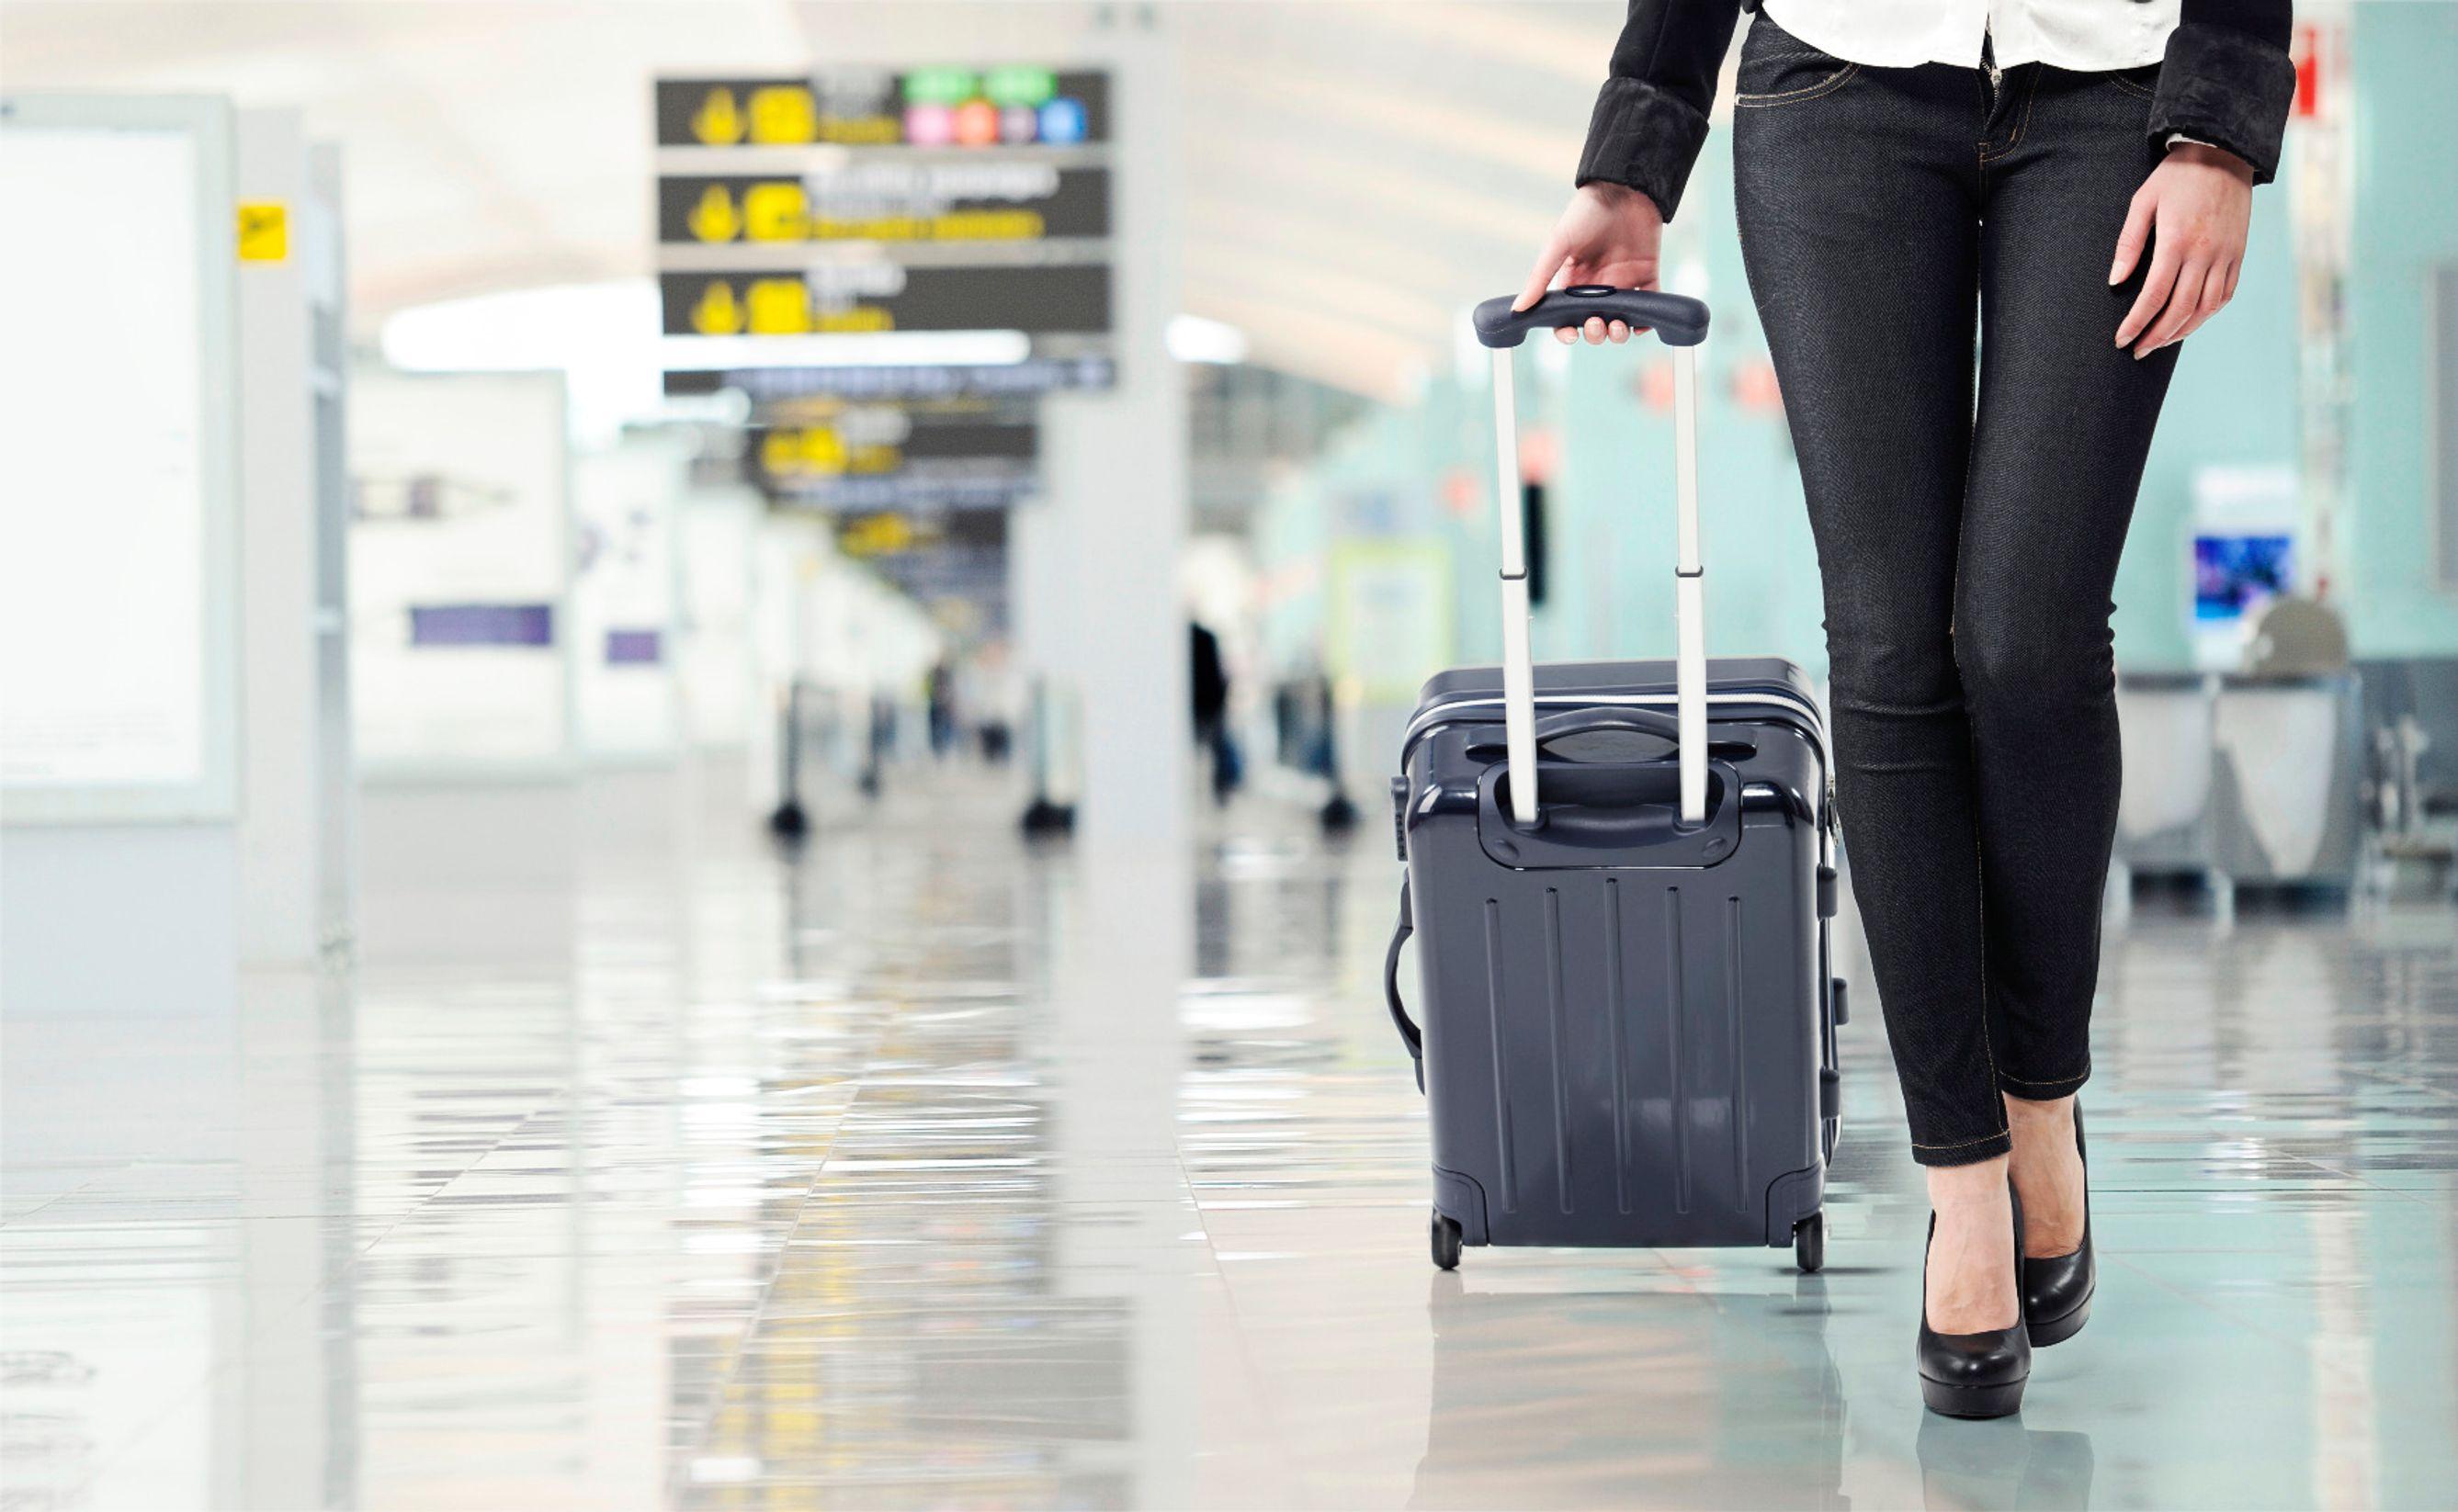 Eπιτρεπόμενα όρια για την αποσκευή και τη χειραποσκευή στη Ryanair